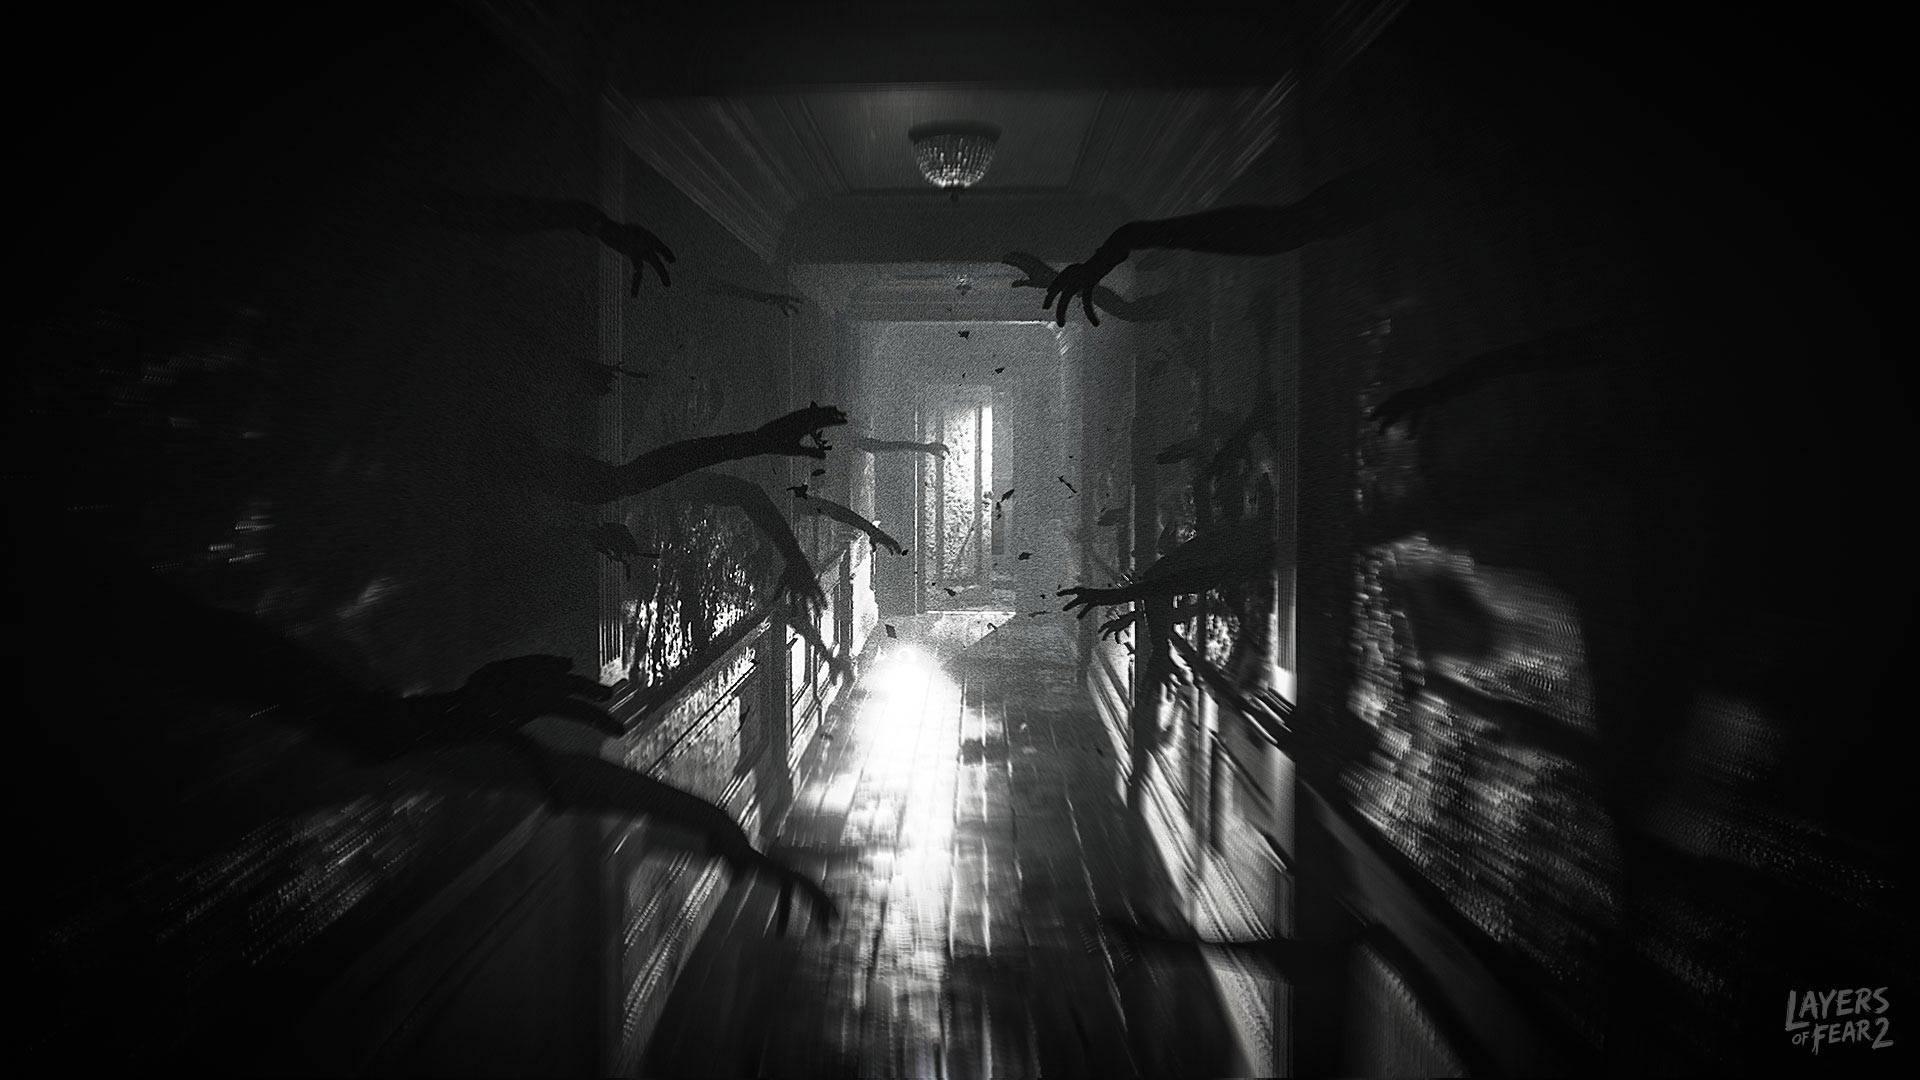 Fantastični horor ima nastavak i igra na vaše najveće strahove